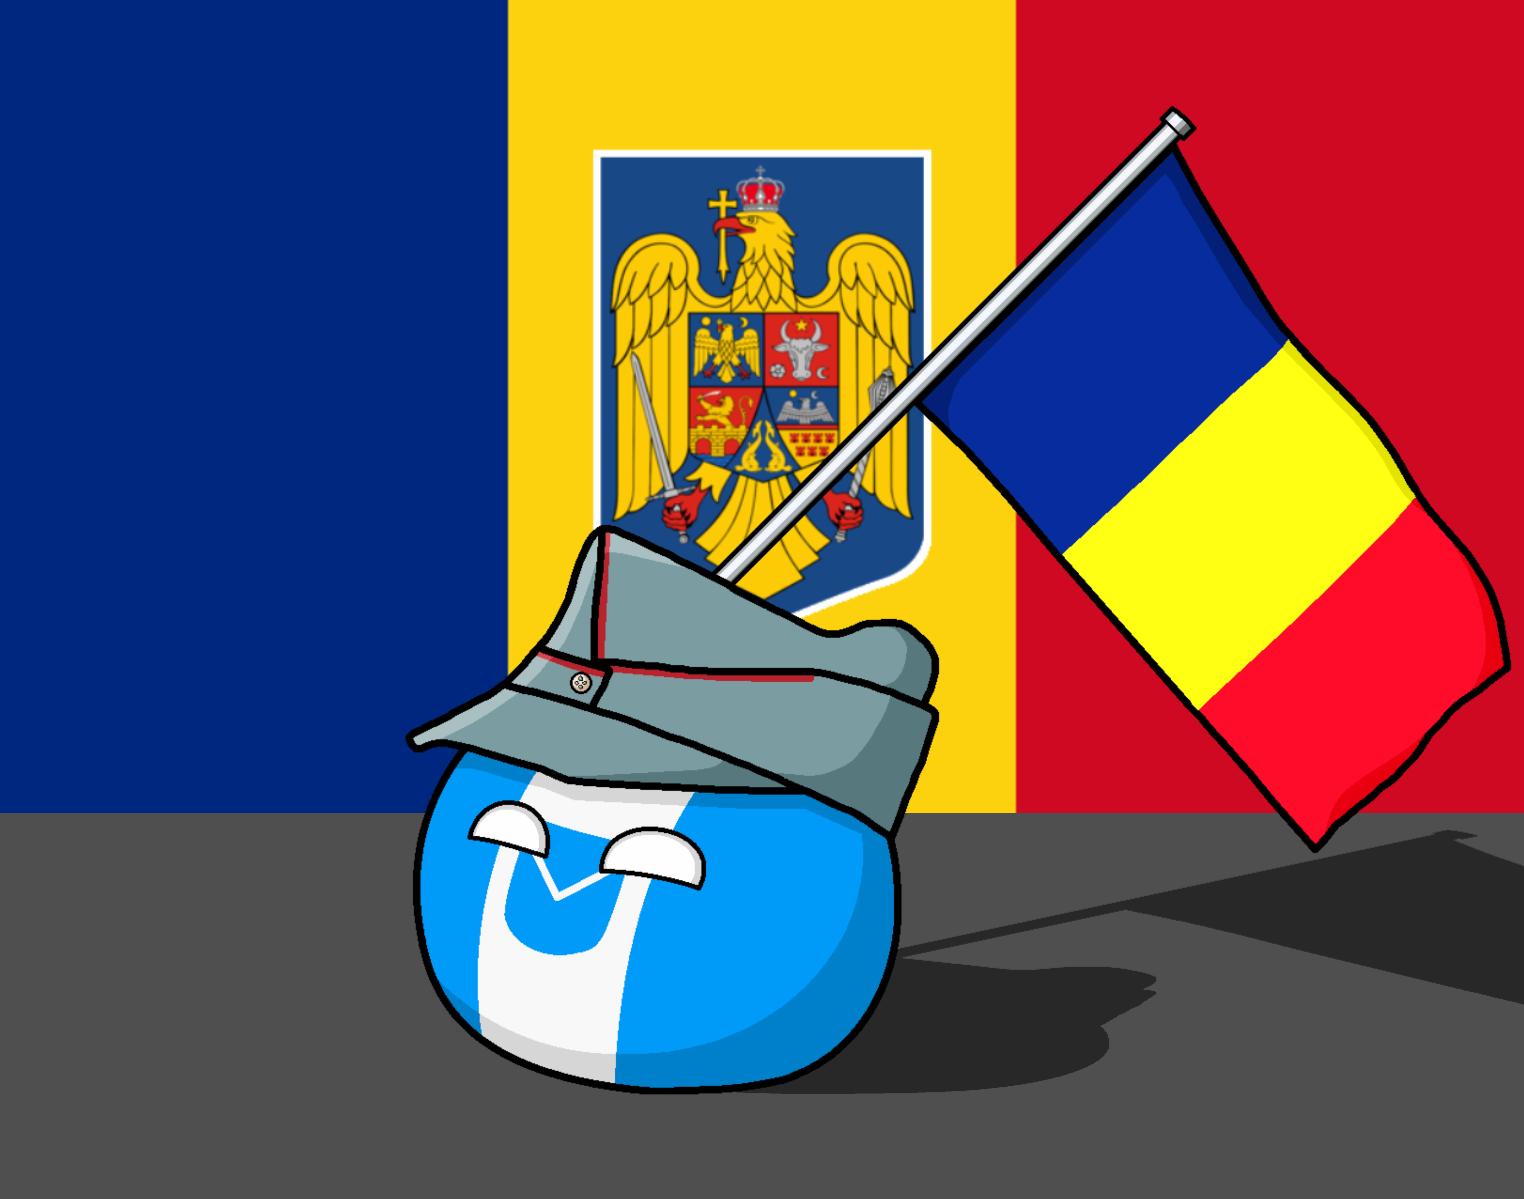 Patriotic VladlandBall